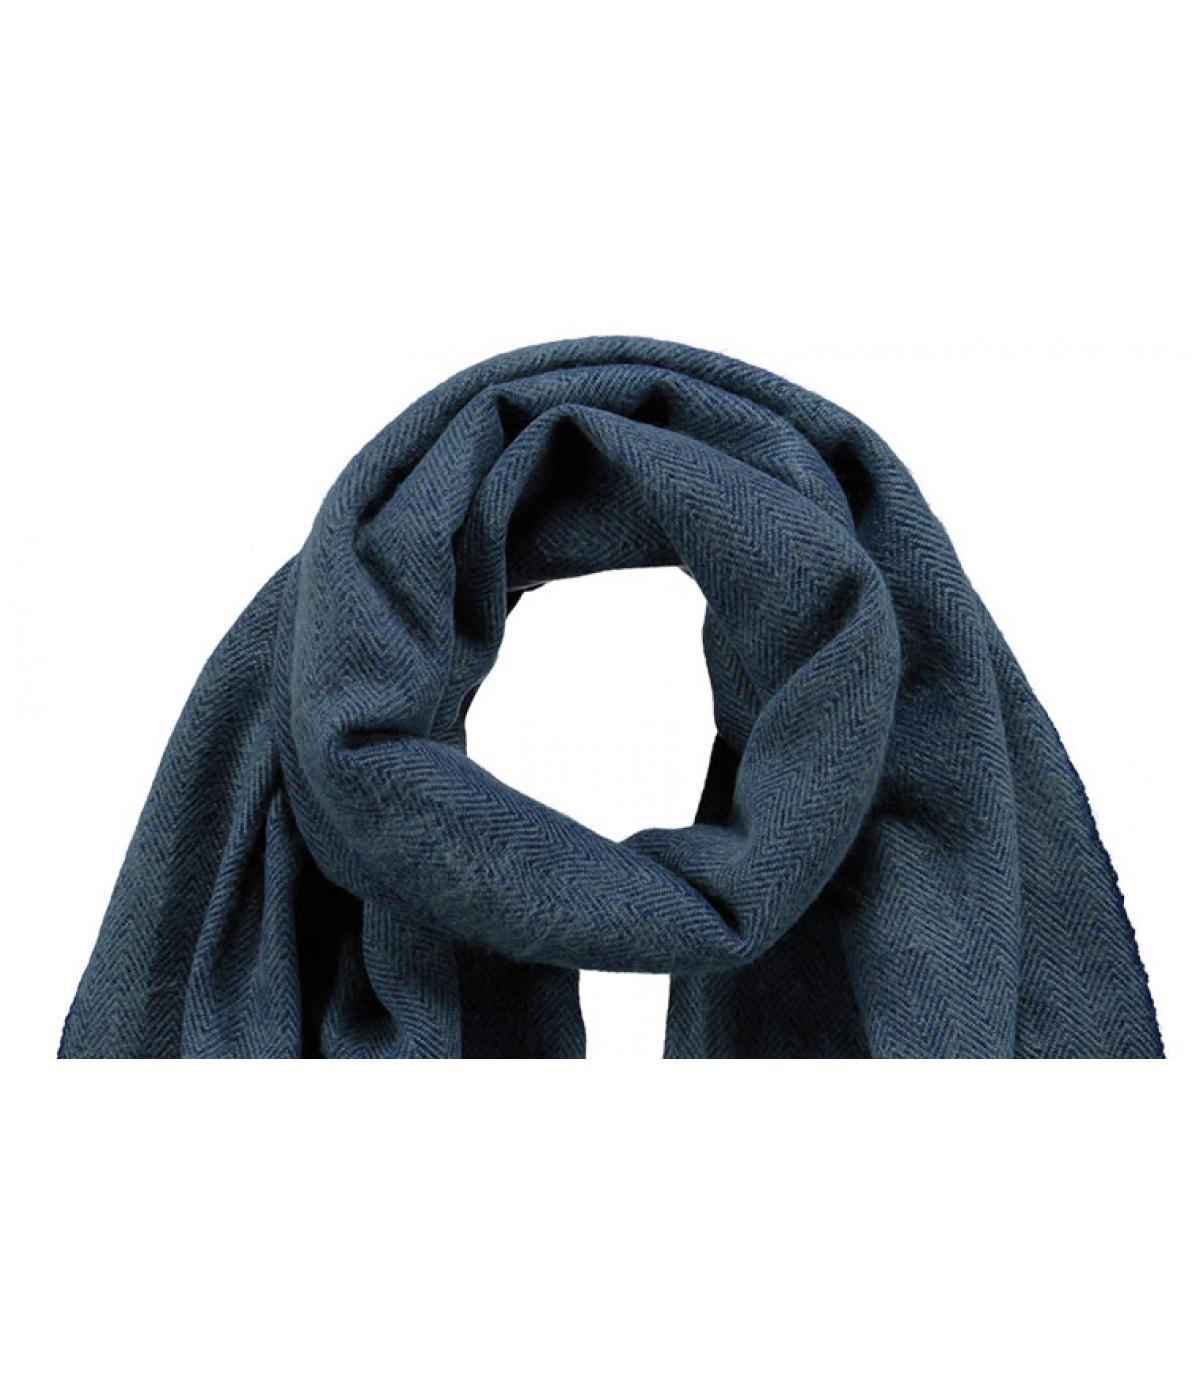 heren navy sjaal - soho sjaal navy van barts.